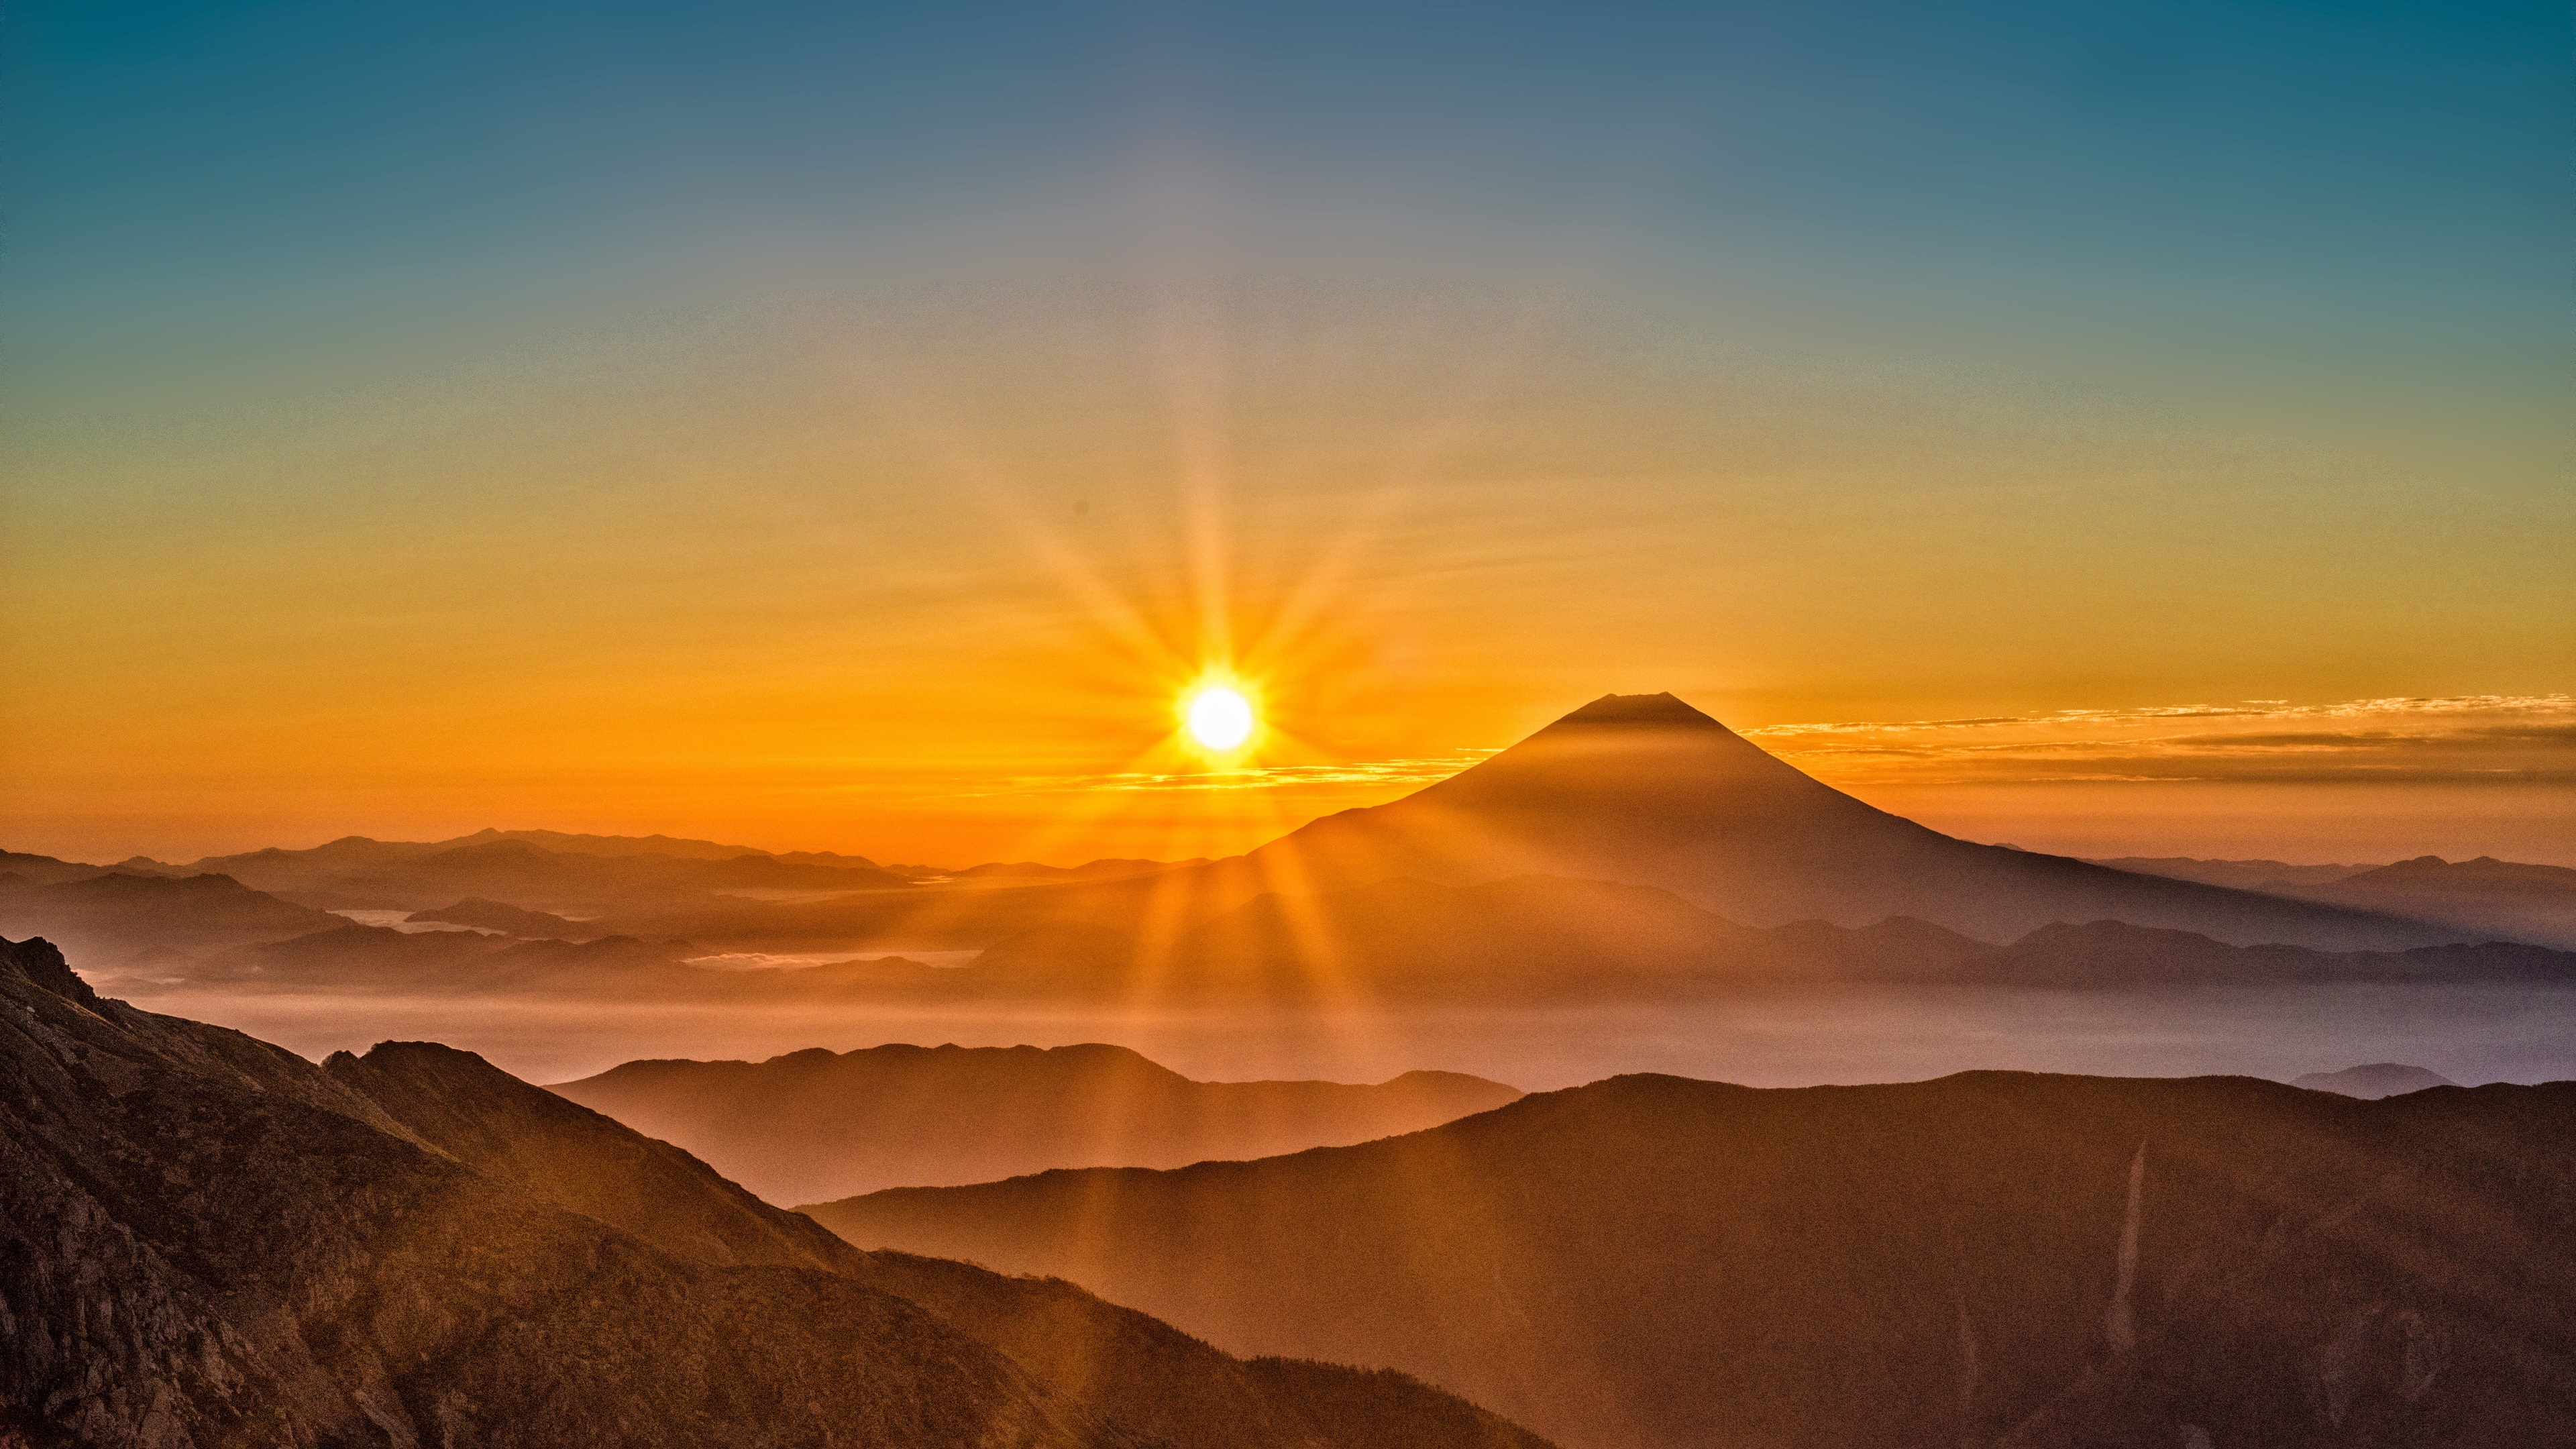 壁紙 富士山 日の出 霧 山 日本 3840x2160 Uhd 4k 無料の